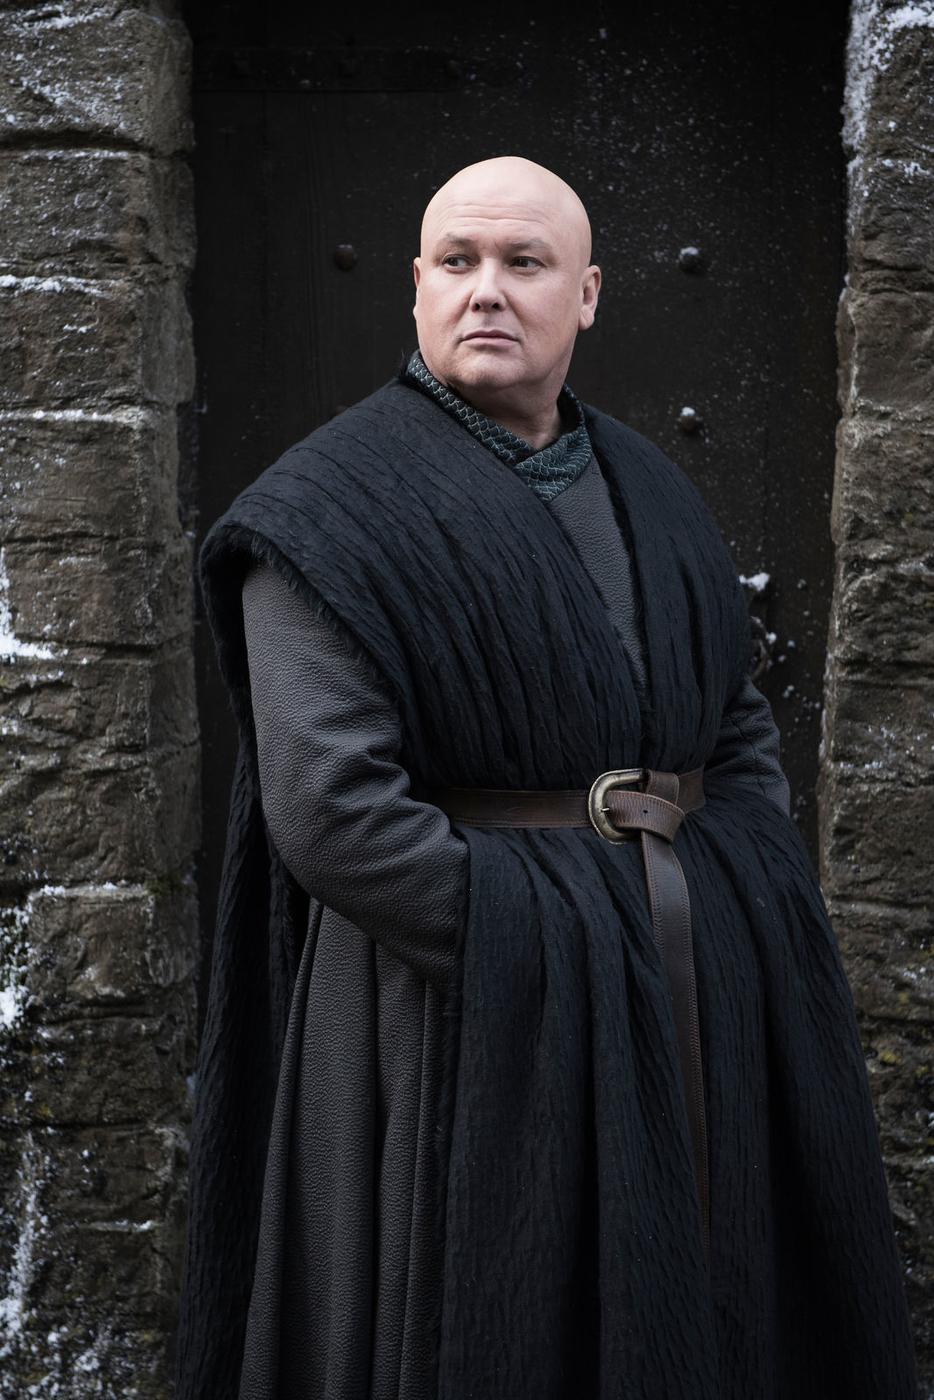 Varys Game of Thrones Season 8 Helen Sloan HBO.jpg